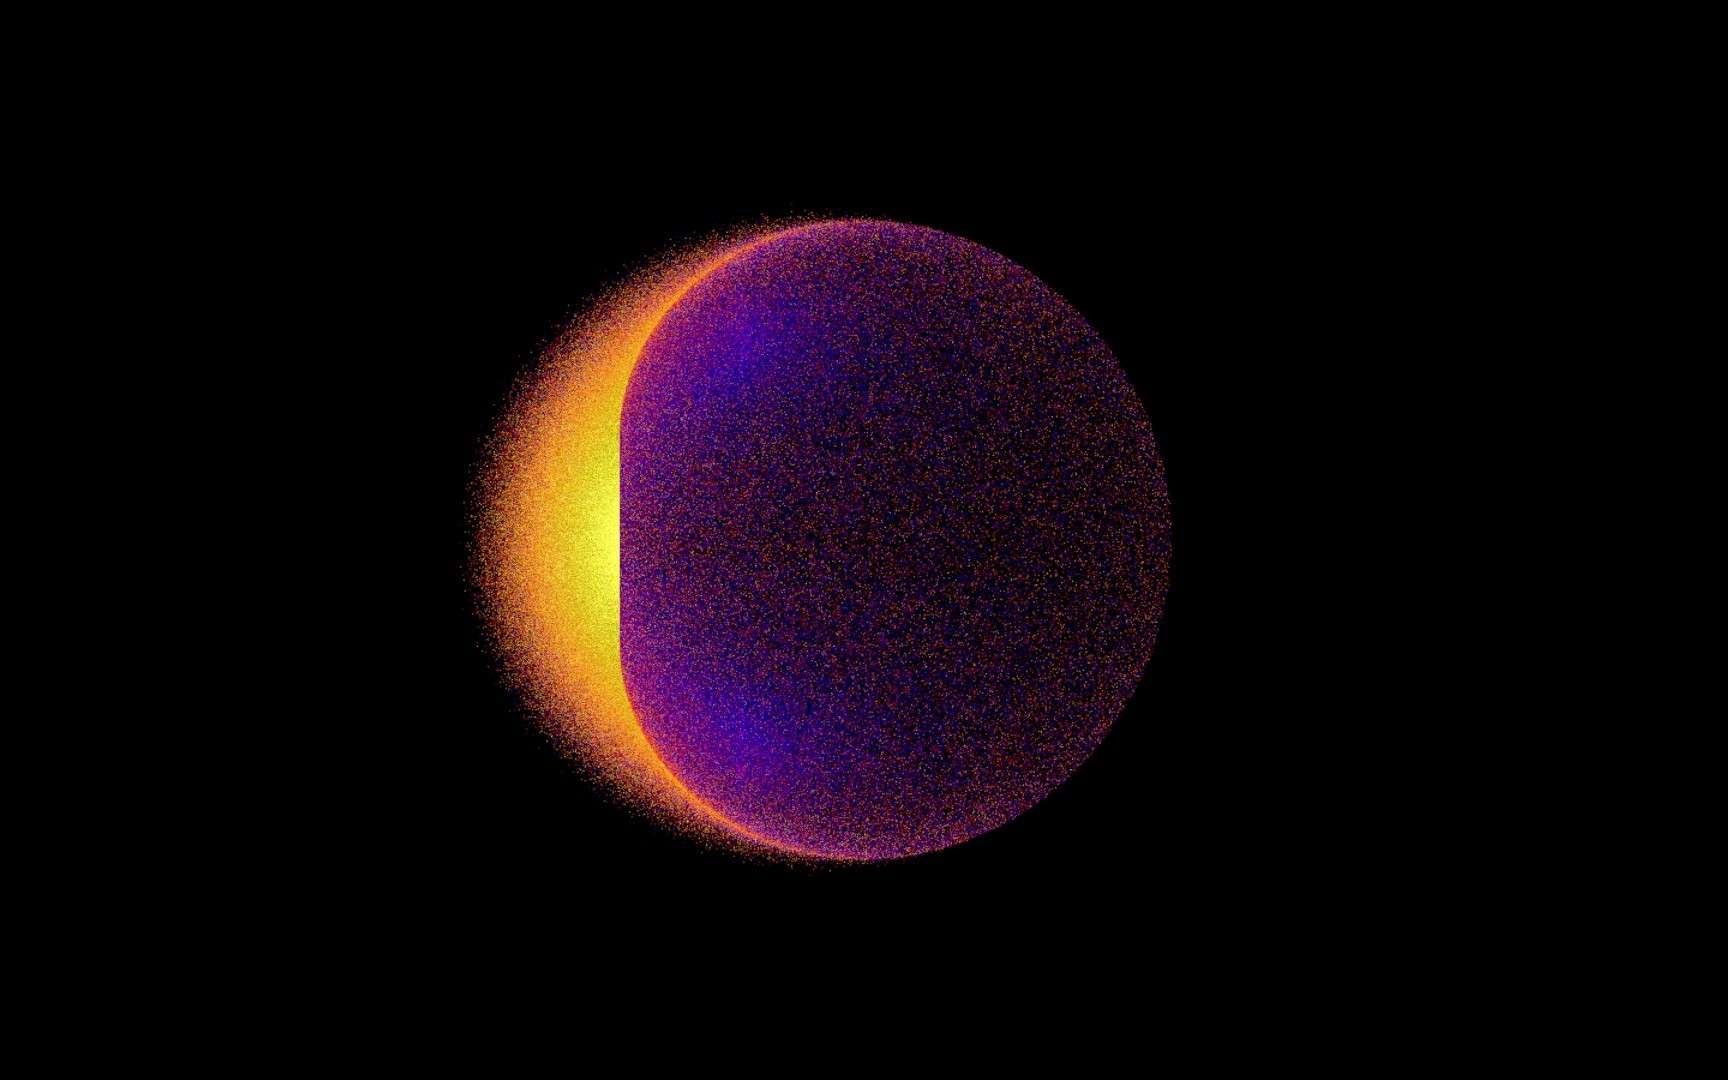 Dans l'ergosphère d'un trou noir en rotation, les particules de matière noire se désintégrant par collision peuvent donner des photons gamma dont les énergies sont amplifiées. Cette image, issue de calculs sur ordinateur, montre un tel trou noir rayonnant en gamma. L'émission la plus intense, sur la gauche, correspond à la région du trou noir en rotation dans la direction de l'observateur. © Nasa, Goddard Jeremy Schnittman